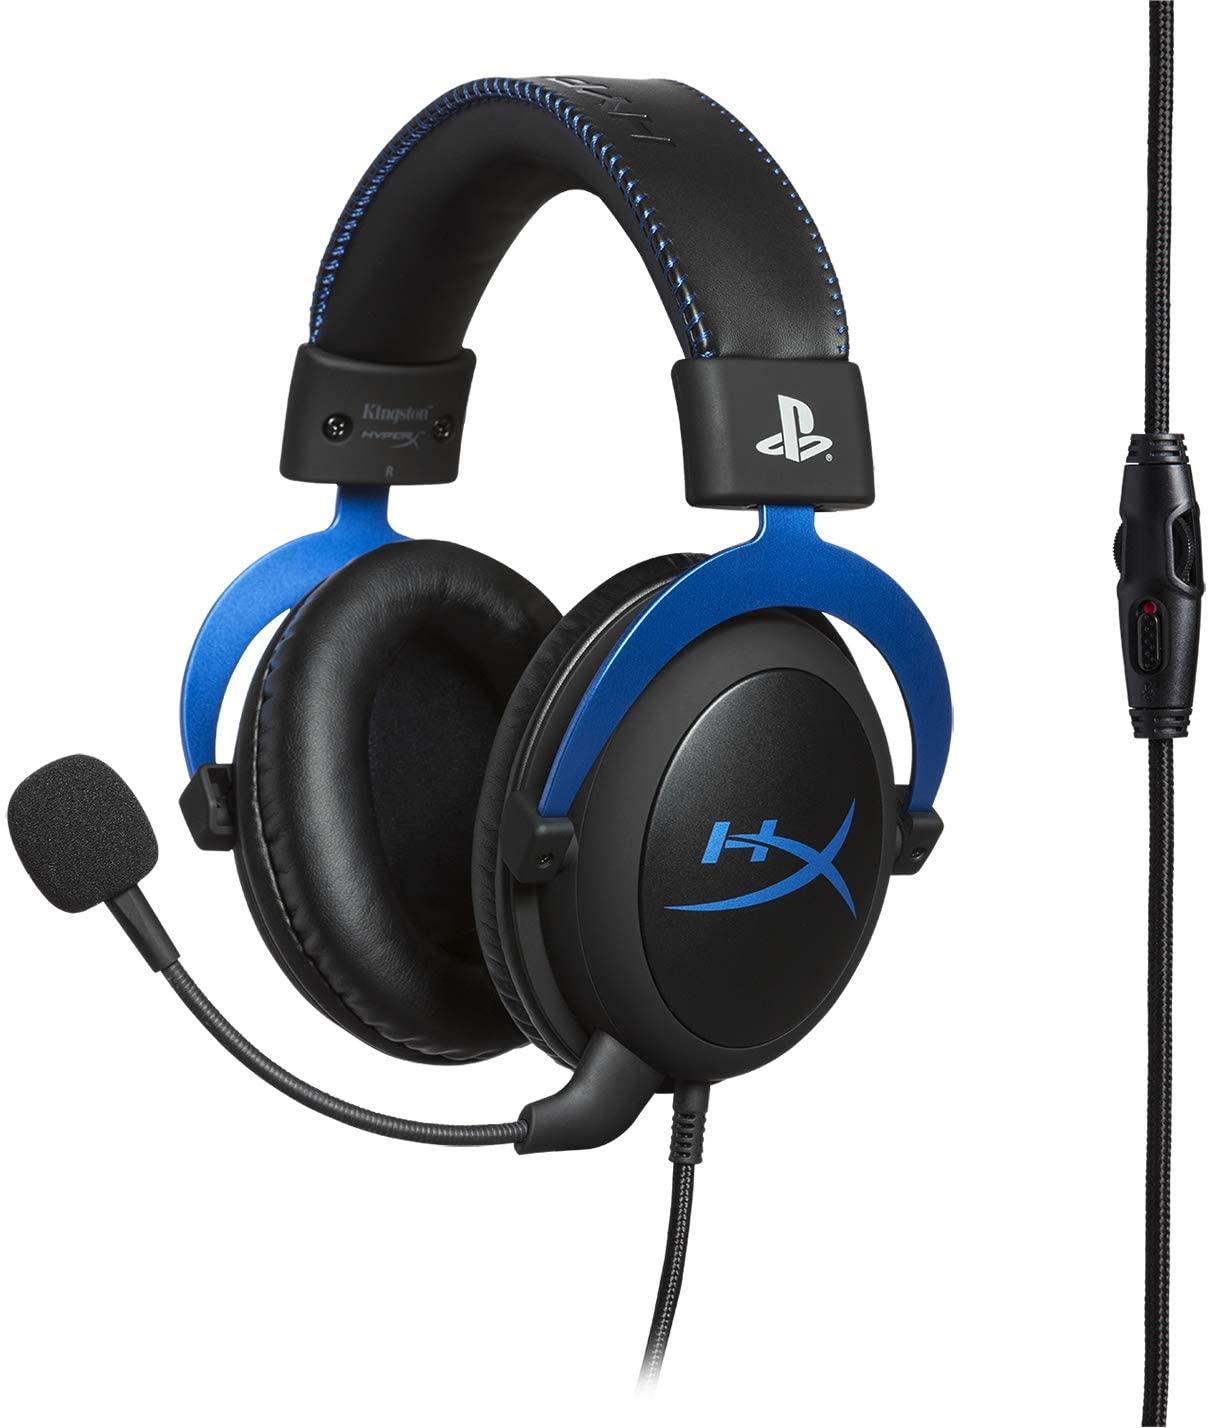 Casque-Micro filaire Gaming HyperX Cloud pour PS4 / PS5 / PC - Noir/Bleu (via 40€ sur la carte)